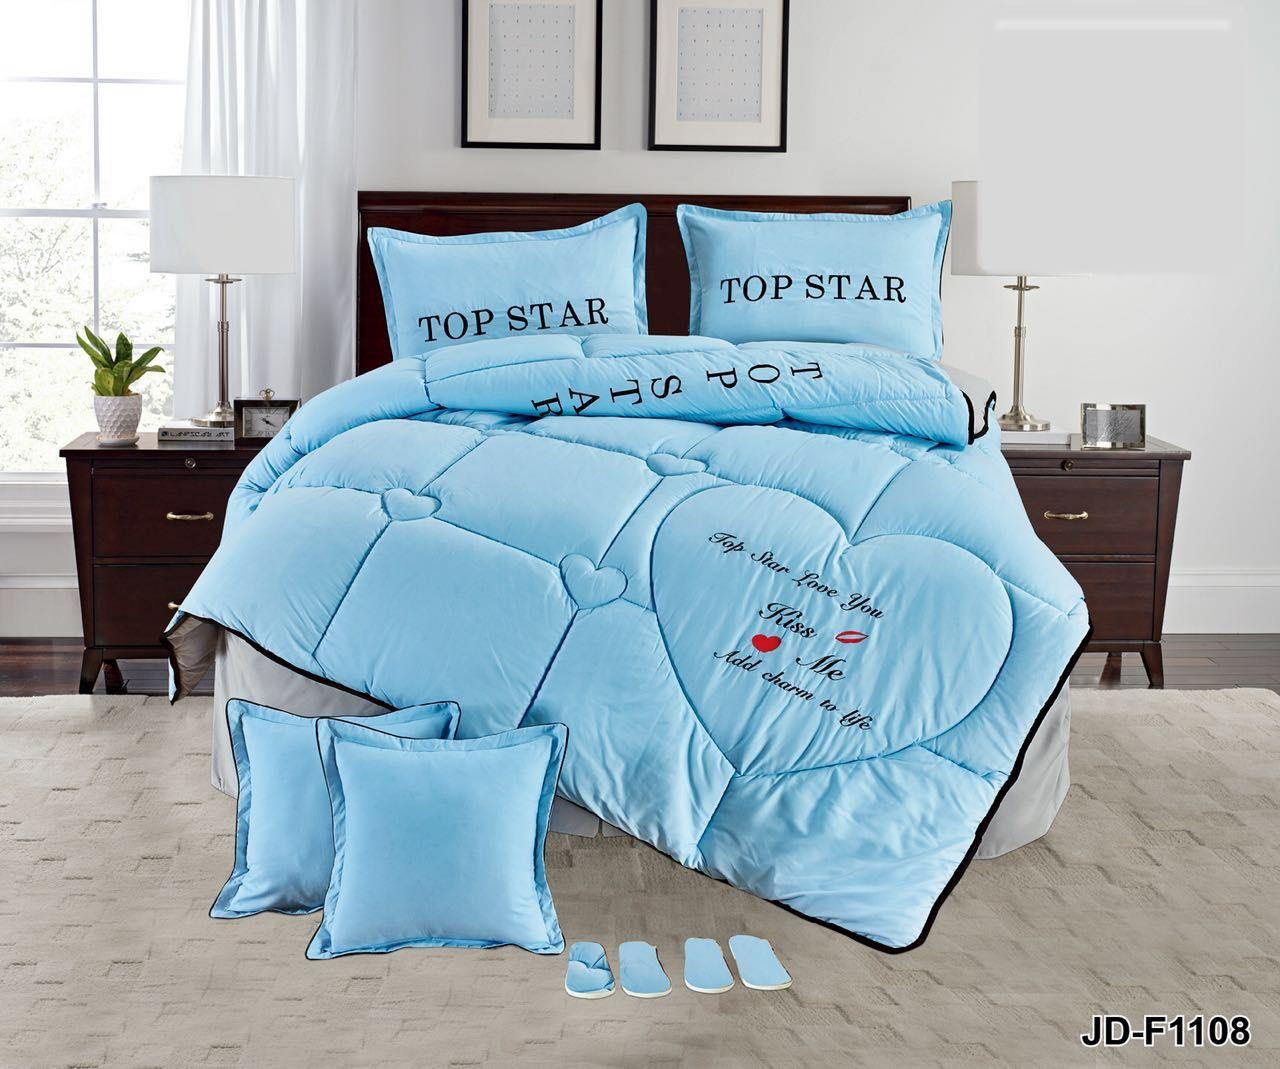 لطلب واتس اب فقط 0543221247 مفارش نفر مفارش نفرين مفارش نفاس مفارش اطفال مفارش عرائسي لحاف القلب افخم الحافات ساده ١٠ قطعه مرة Bed Blanket Comforters